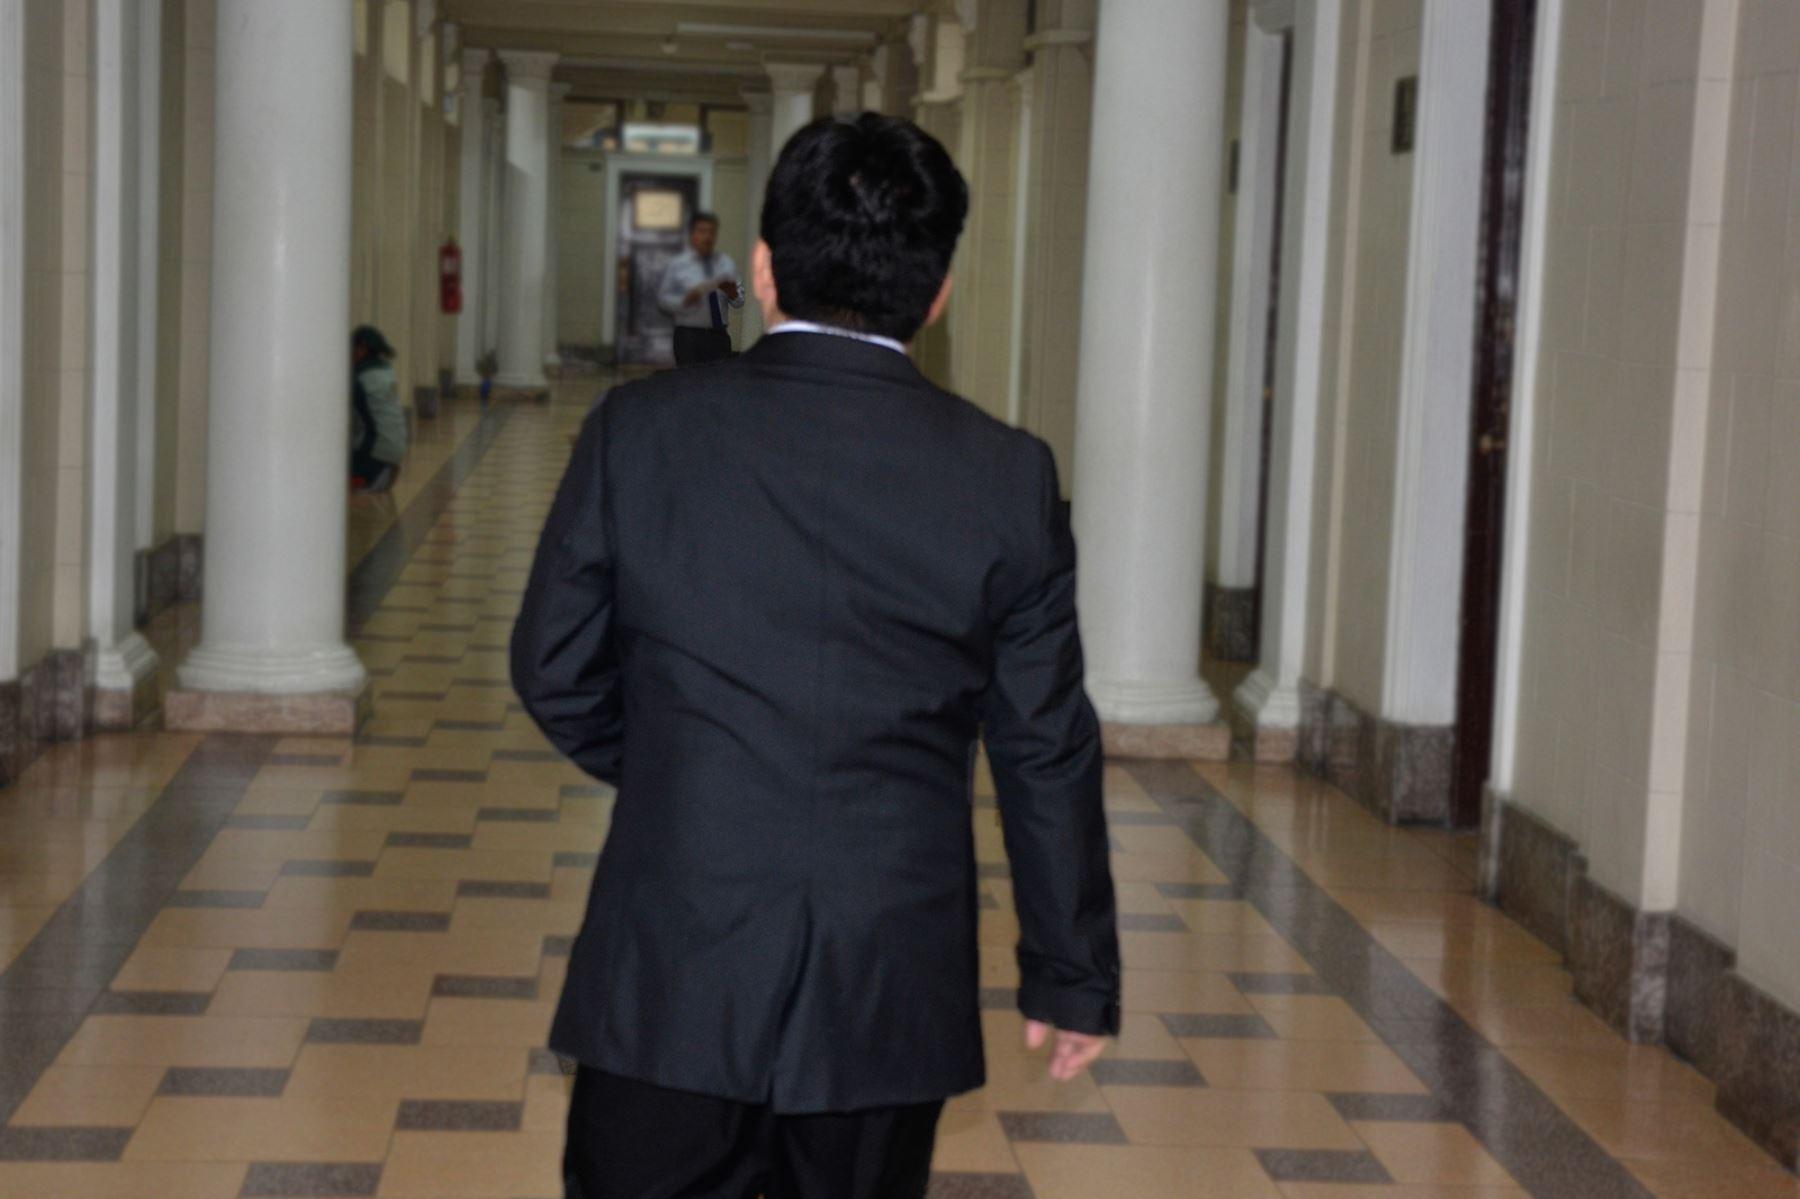 La jefatura de la Oficina de Control de la Magistratura del Poder Judicial (Ocma), a cargo de Ana María Aranda Rodríguez, solicitó la medida disciplinaria de destitución en el cargo de José Heli Gálvez Chávez, magistrado del Juzgado Mixto de Paiján, de la Corte Superior de Justicia de La Libertad, al comprobarse que en el ejercicio de su cargo acosaba sexualmente a una litigante.